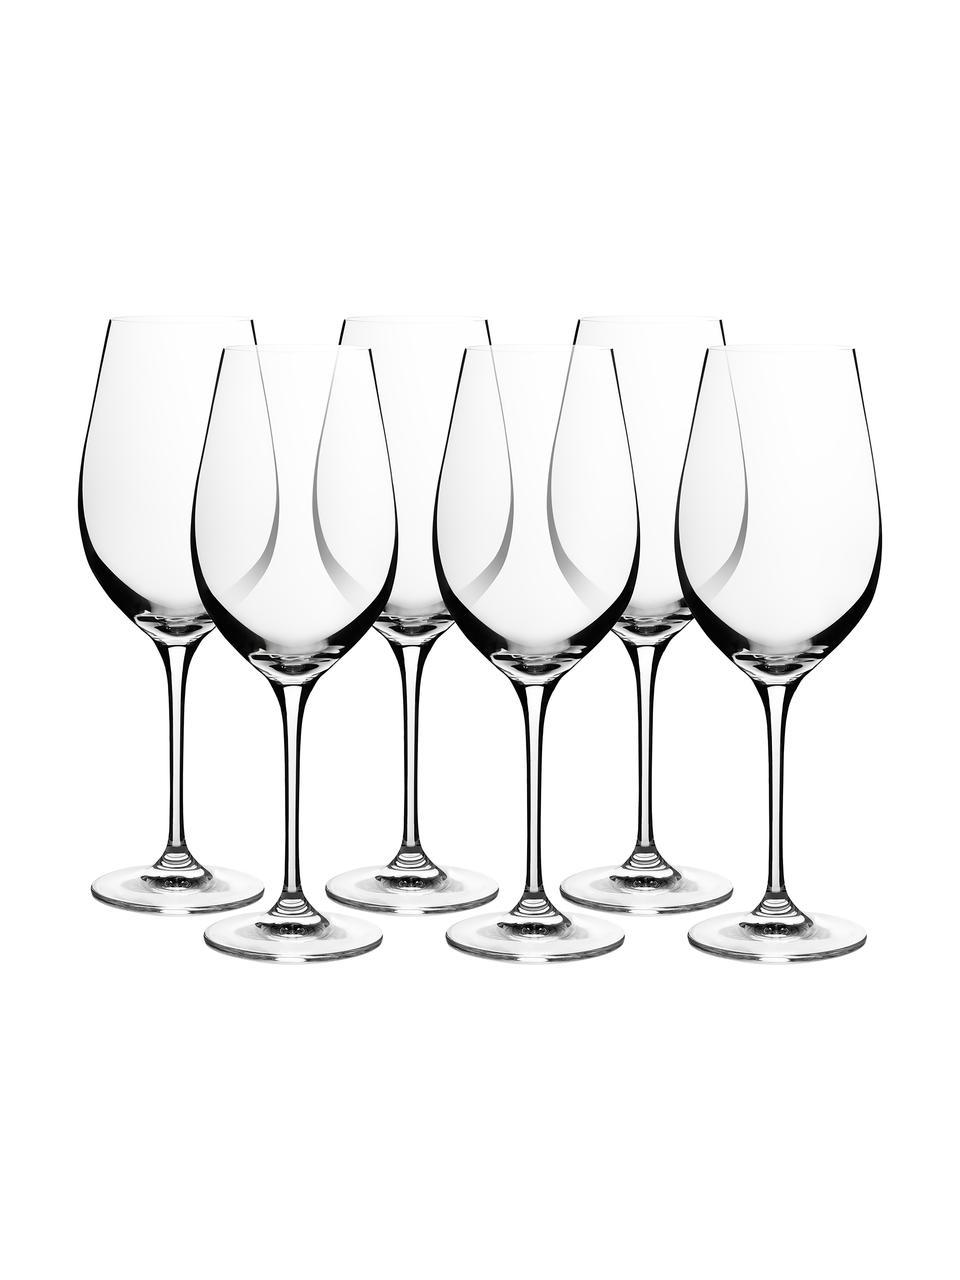 Kryształowy kieliszek do czerwonego wina Harmony, 6 szt., Szkło kryształowe o najwyższym połysku, szczególnie widocznym poprzez odbijanie światła Magiczny blask sprawia, że każdy łyk wina jest wyjątkowym doznaniem, Transparentny, Ø 8 x W 24 cm